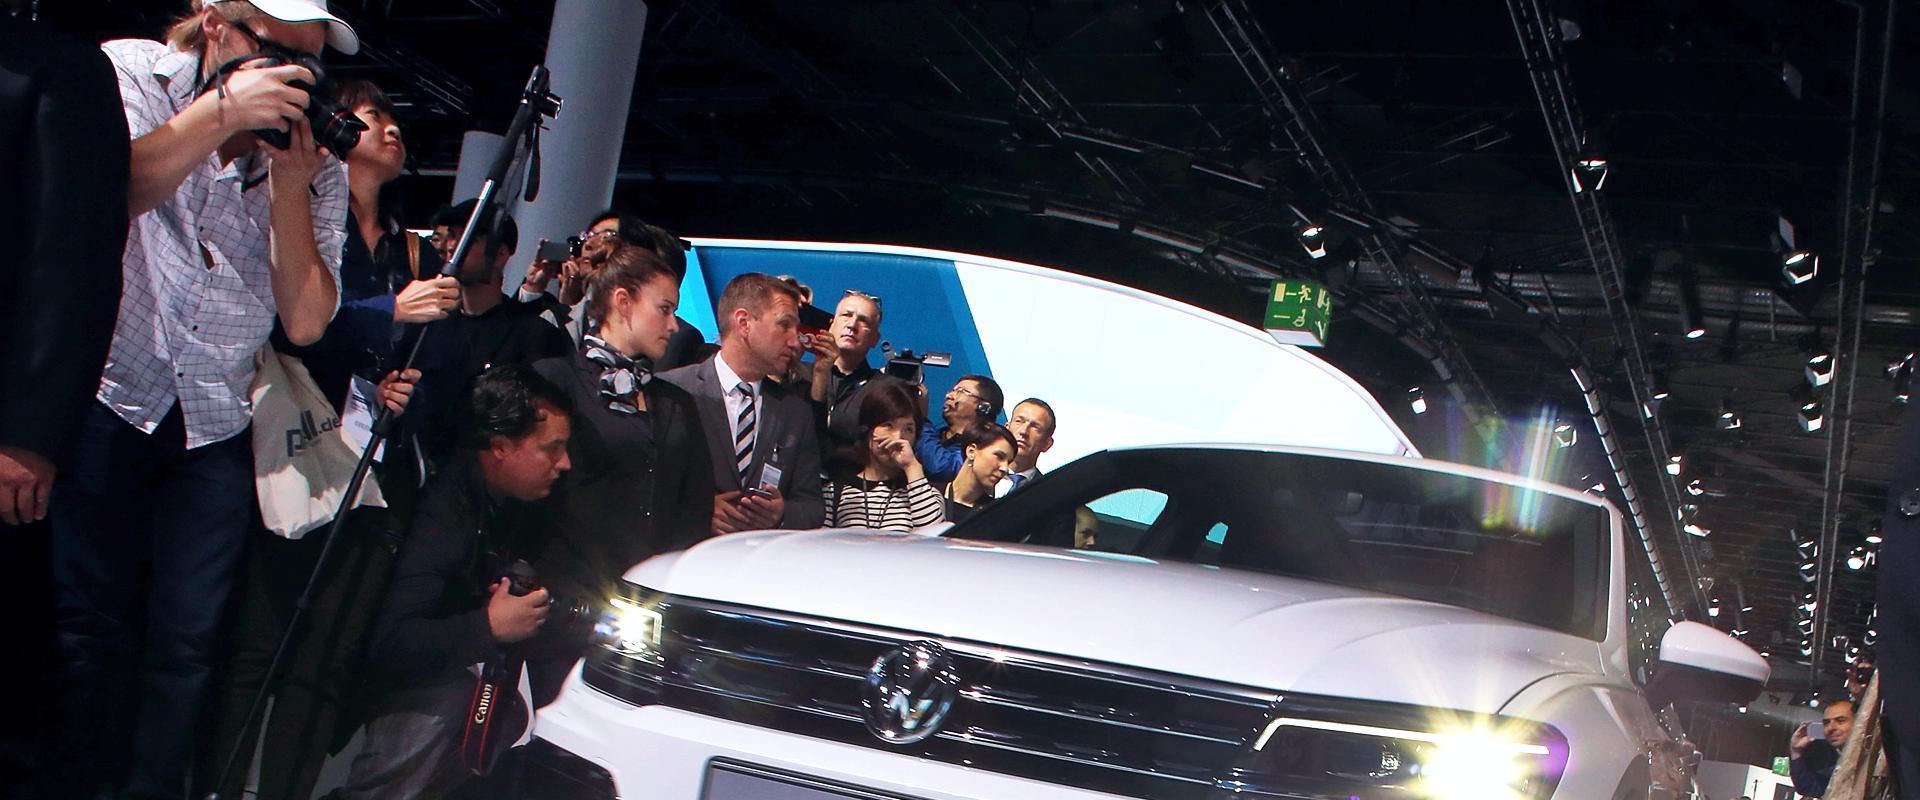 GALERIJA: Premijere auto-salona u Frankfurtu 2015.